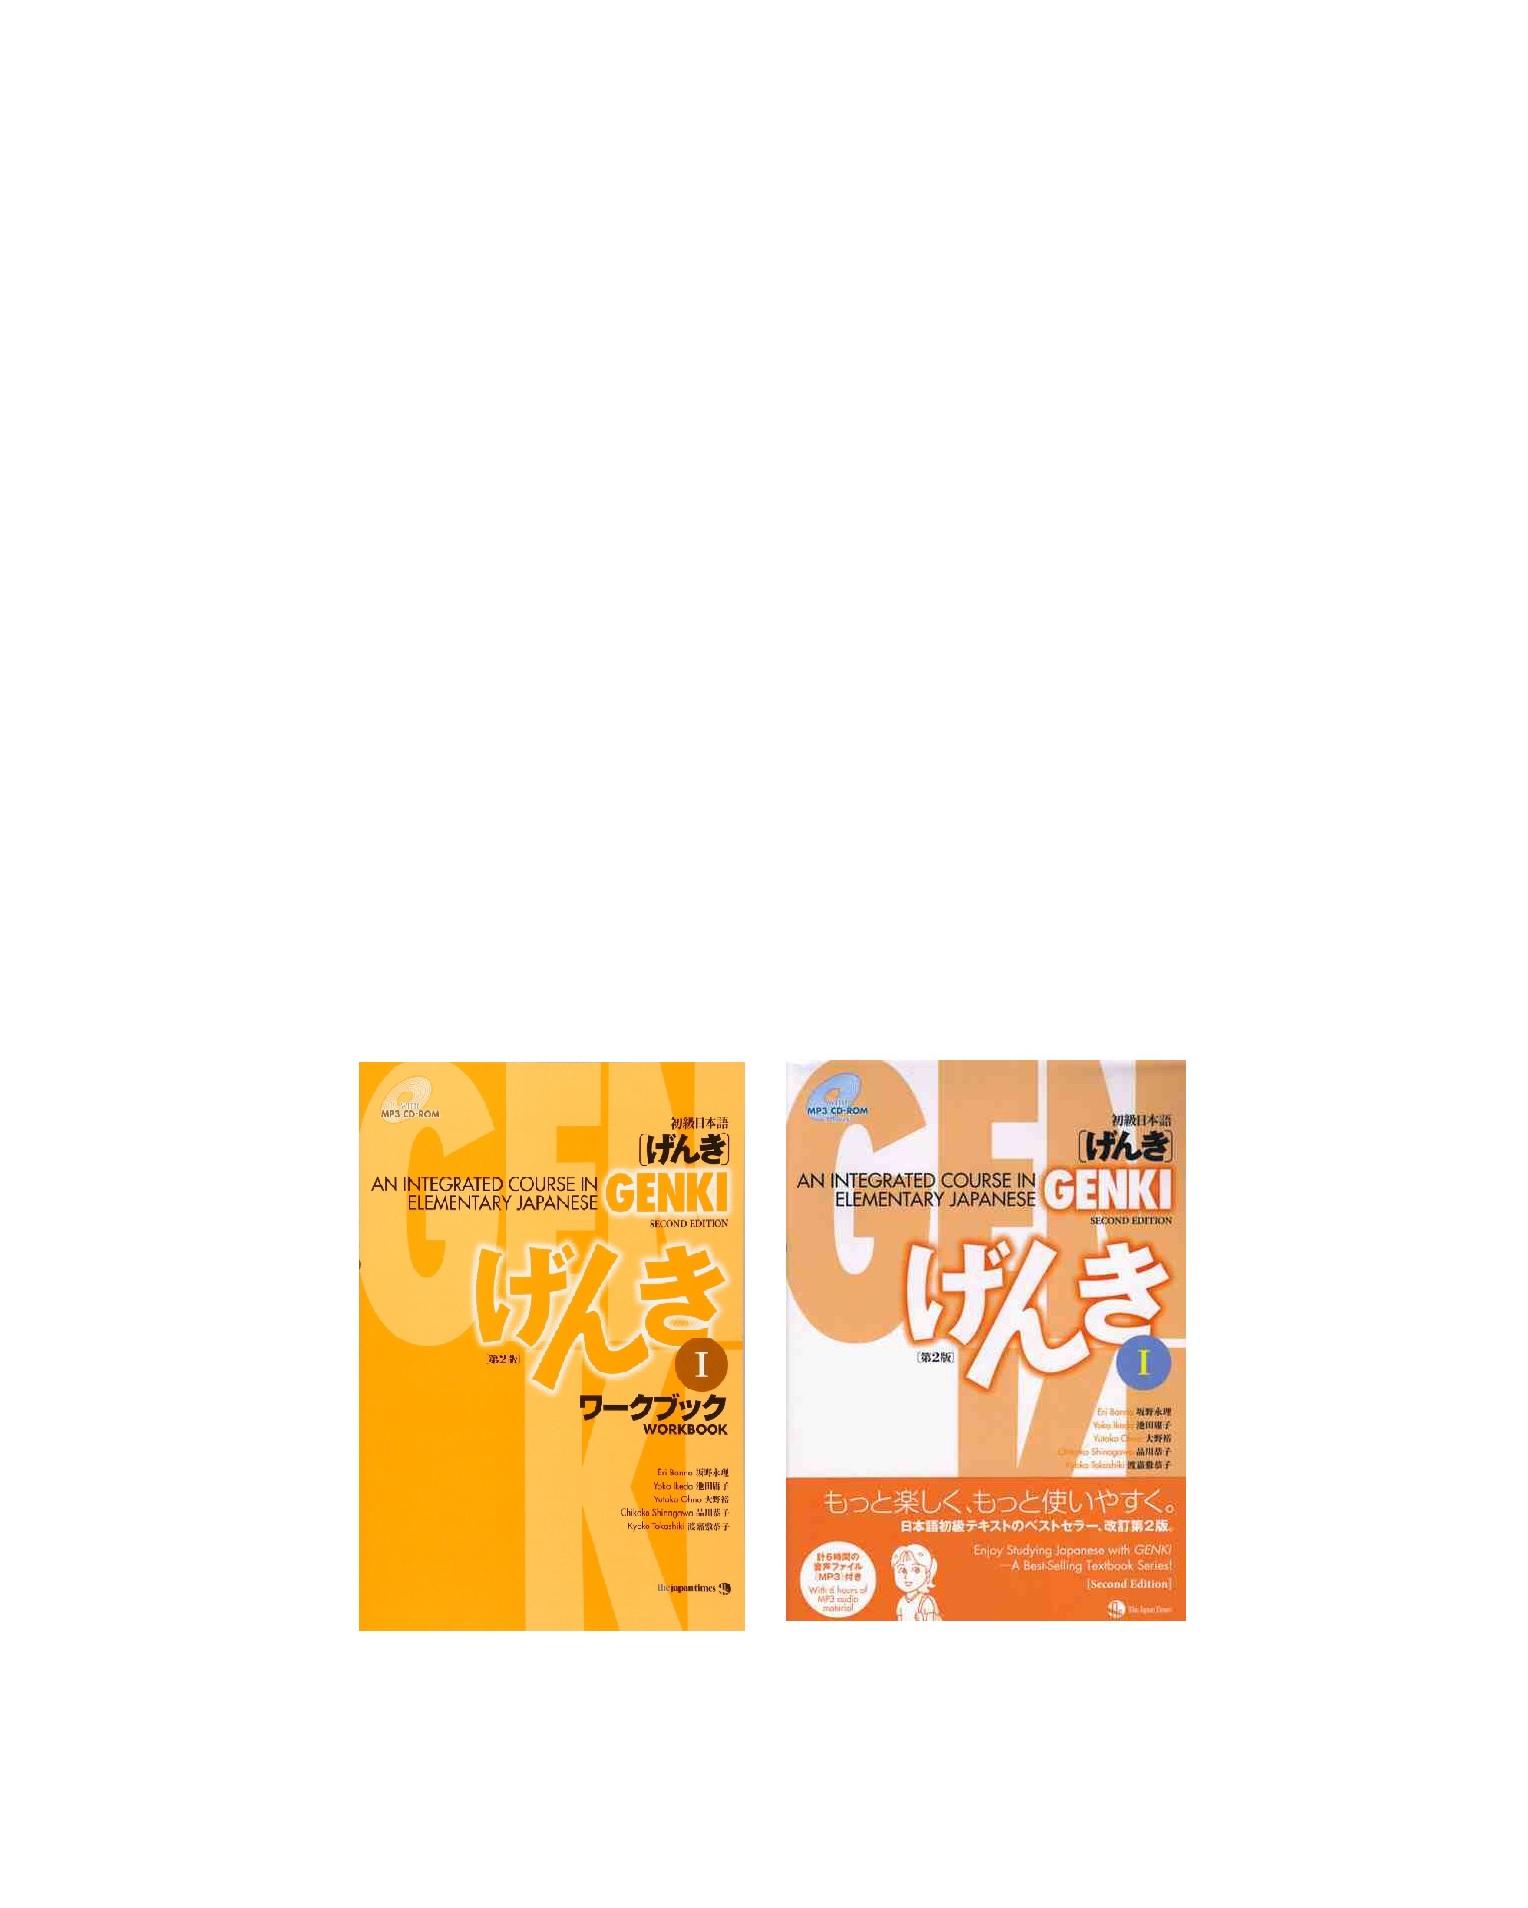 כל ספרי היפנית שנה א